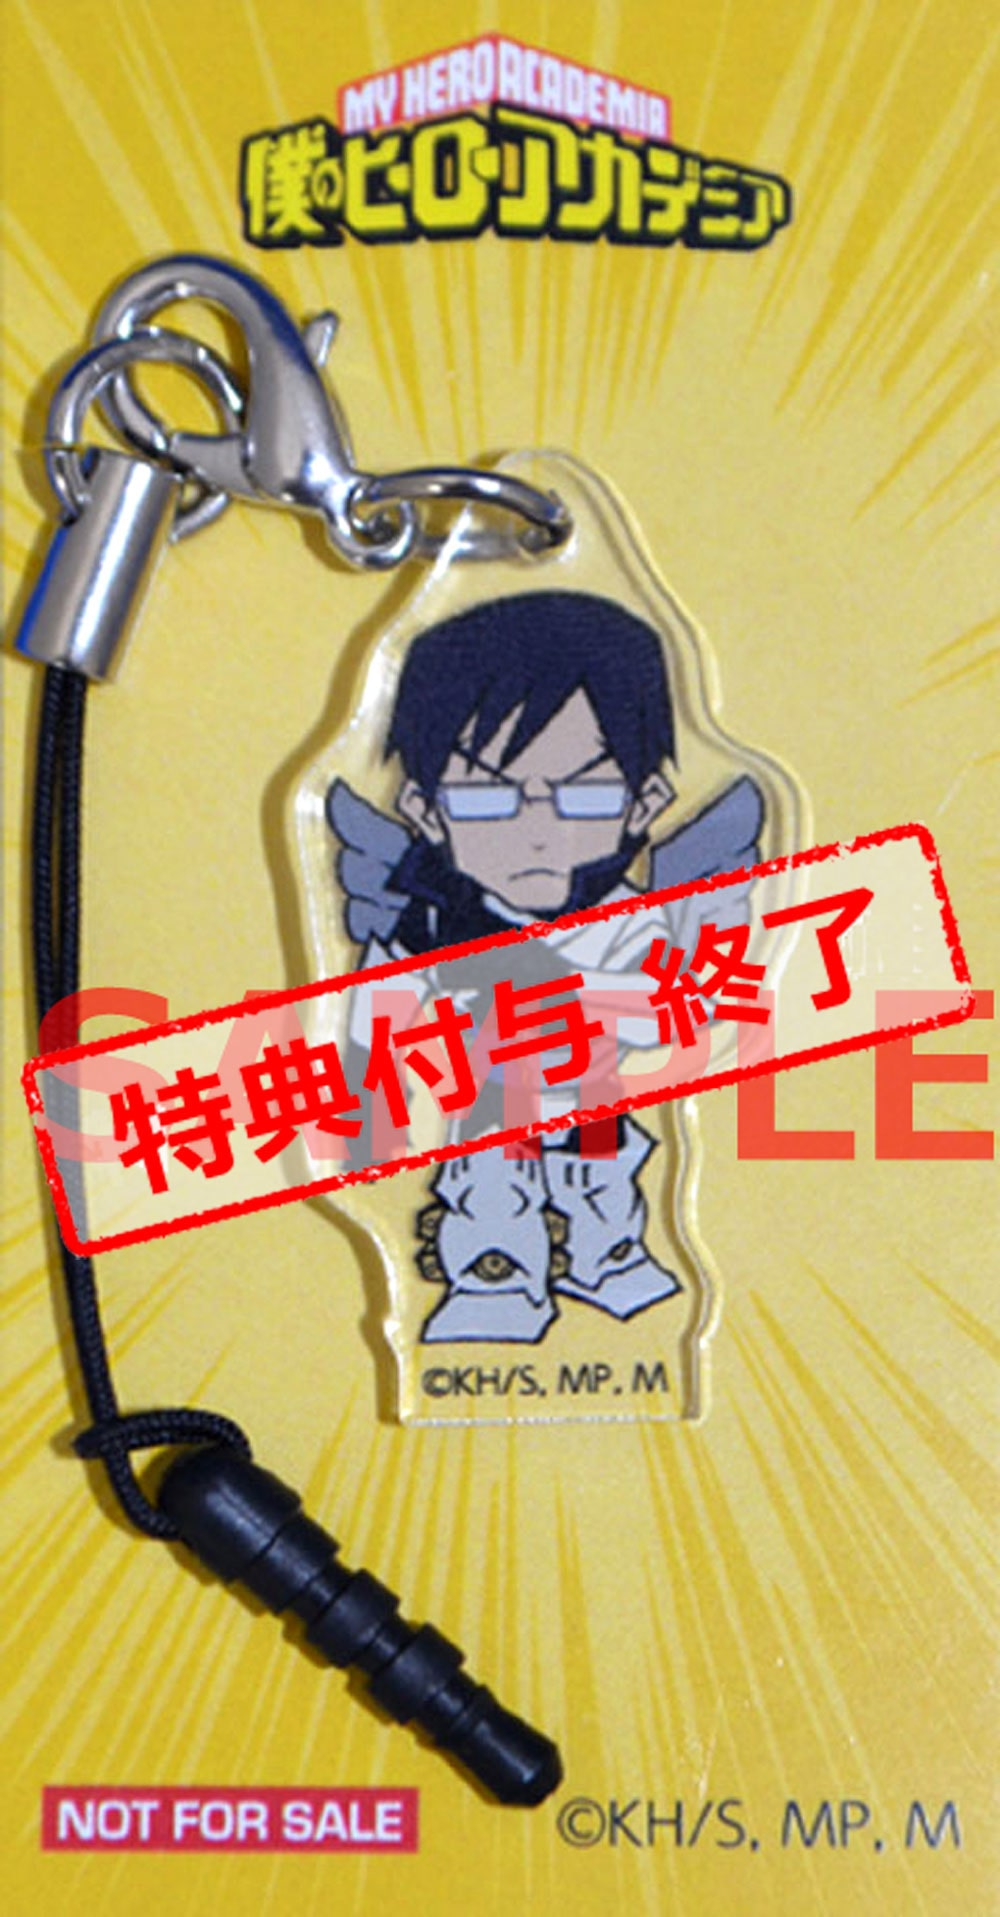 僕のヒーローアカデミア Vol.4 Blu-ray 初回生産限定版